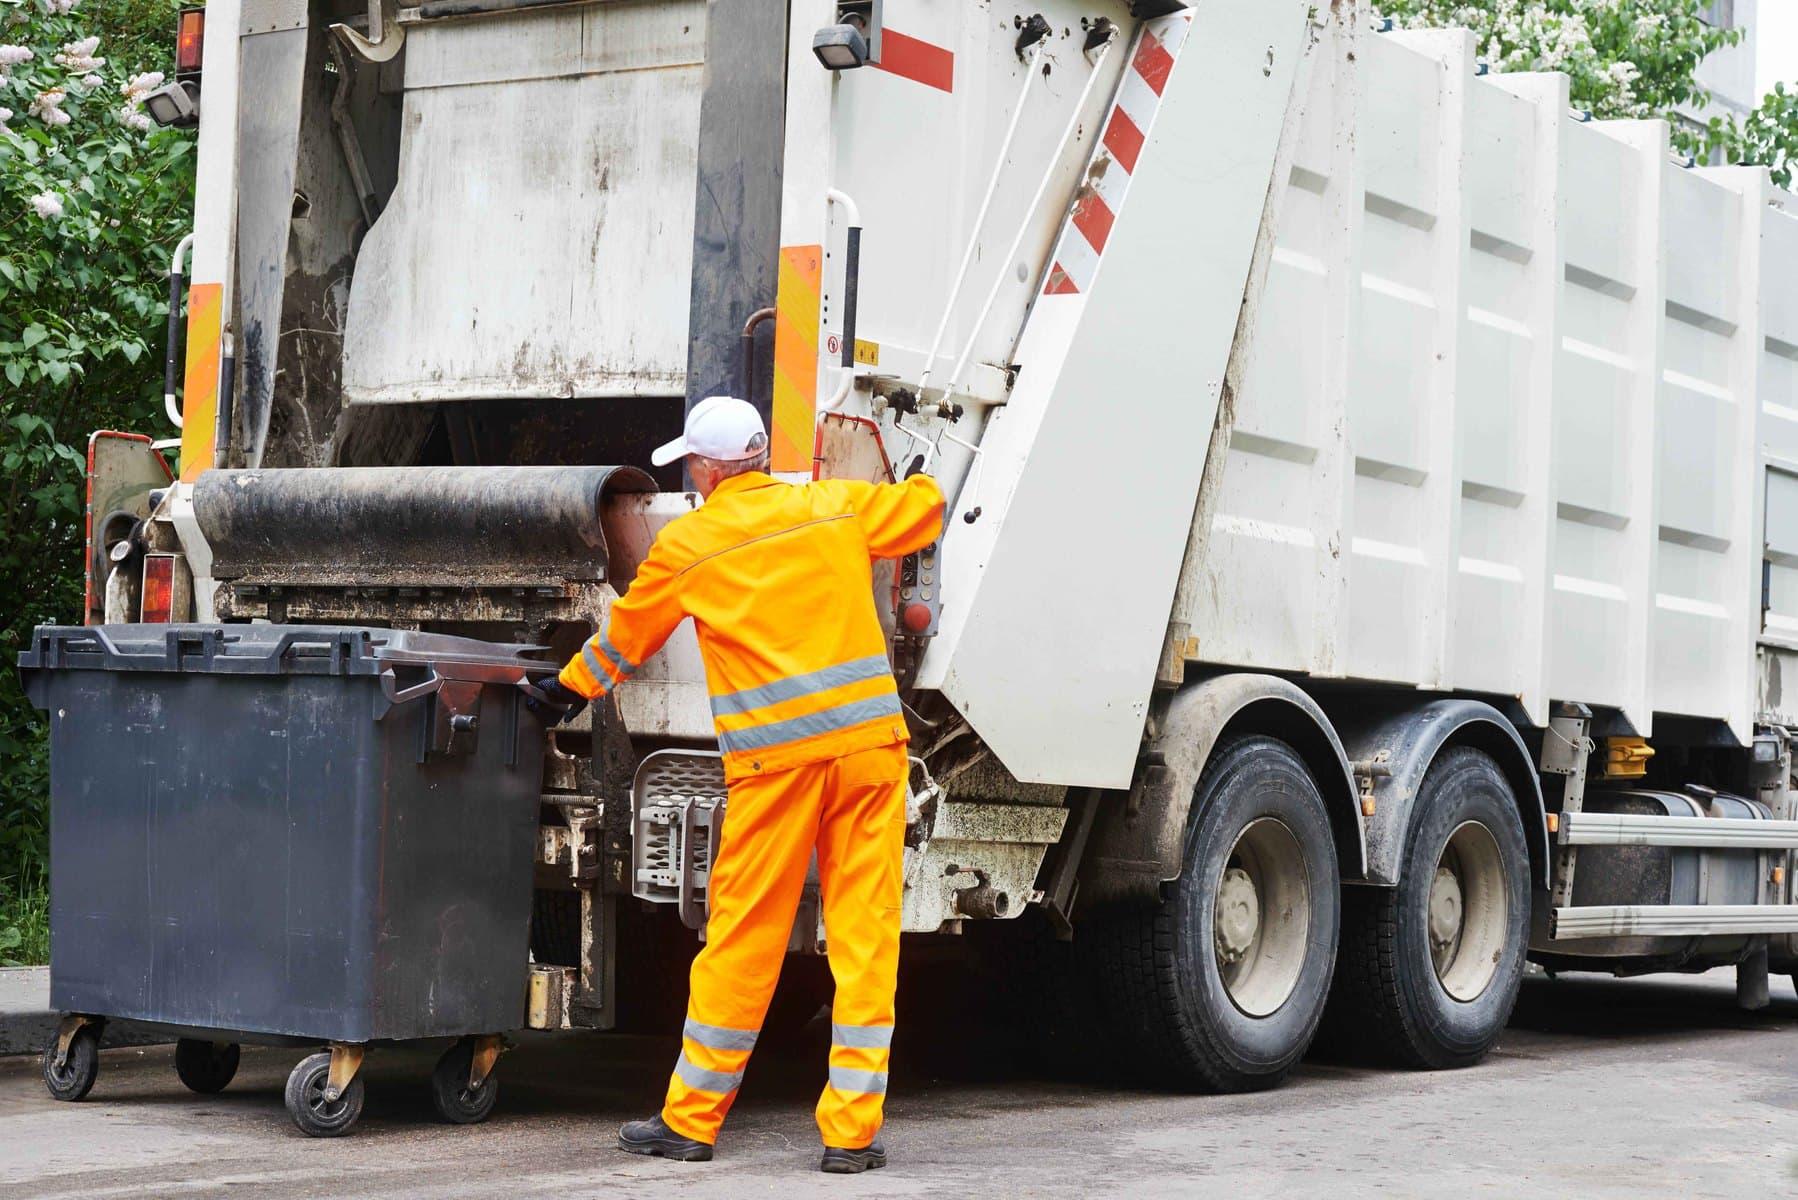 Werknemer van afvaldienst laadt een afvalcontainer in de vrachtwagen.